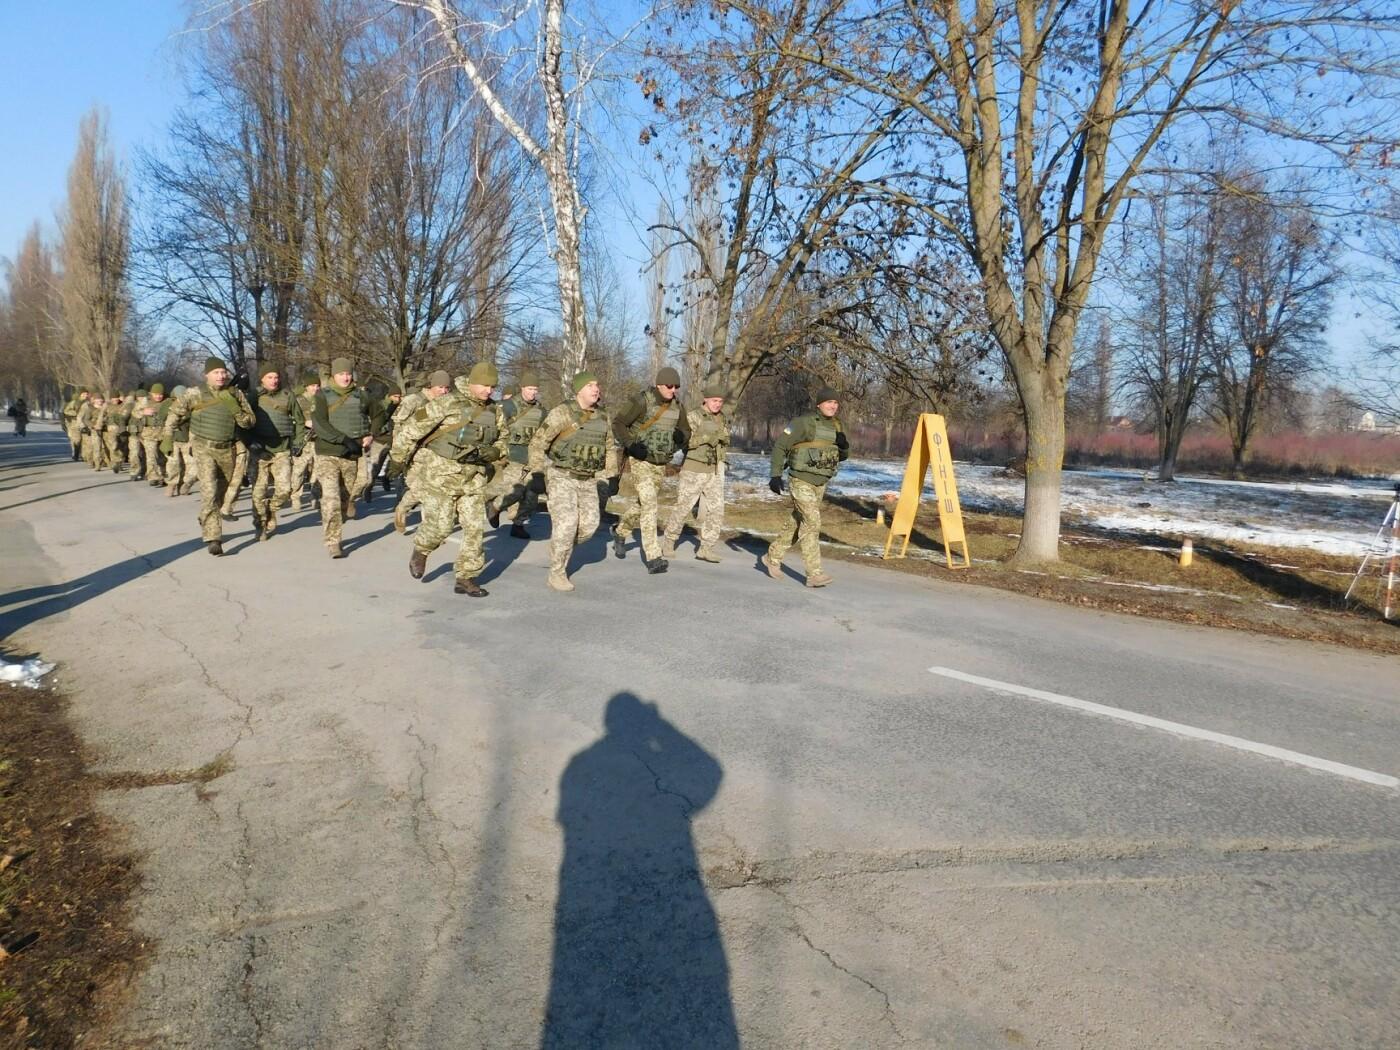 У Кам'янці відбувся 5-кілометровий марш-кидок зі штатною зброєю з нагоди річниці ЗСУ, фото-3, Фото: Центр розмінування